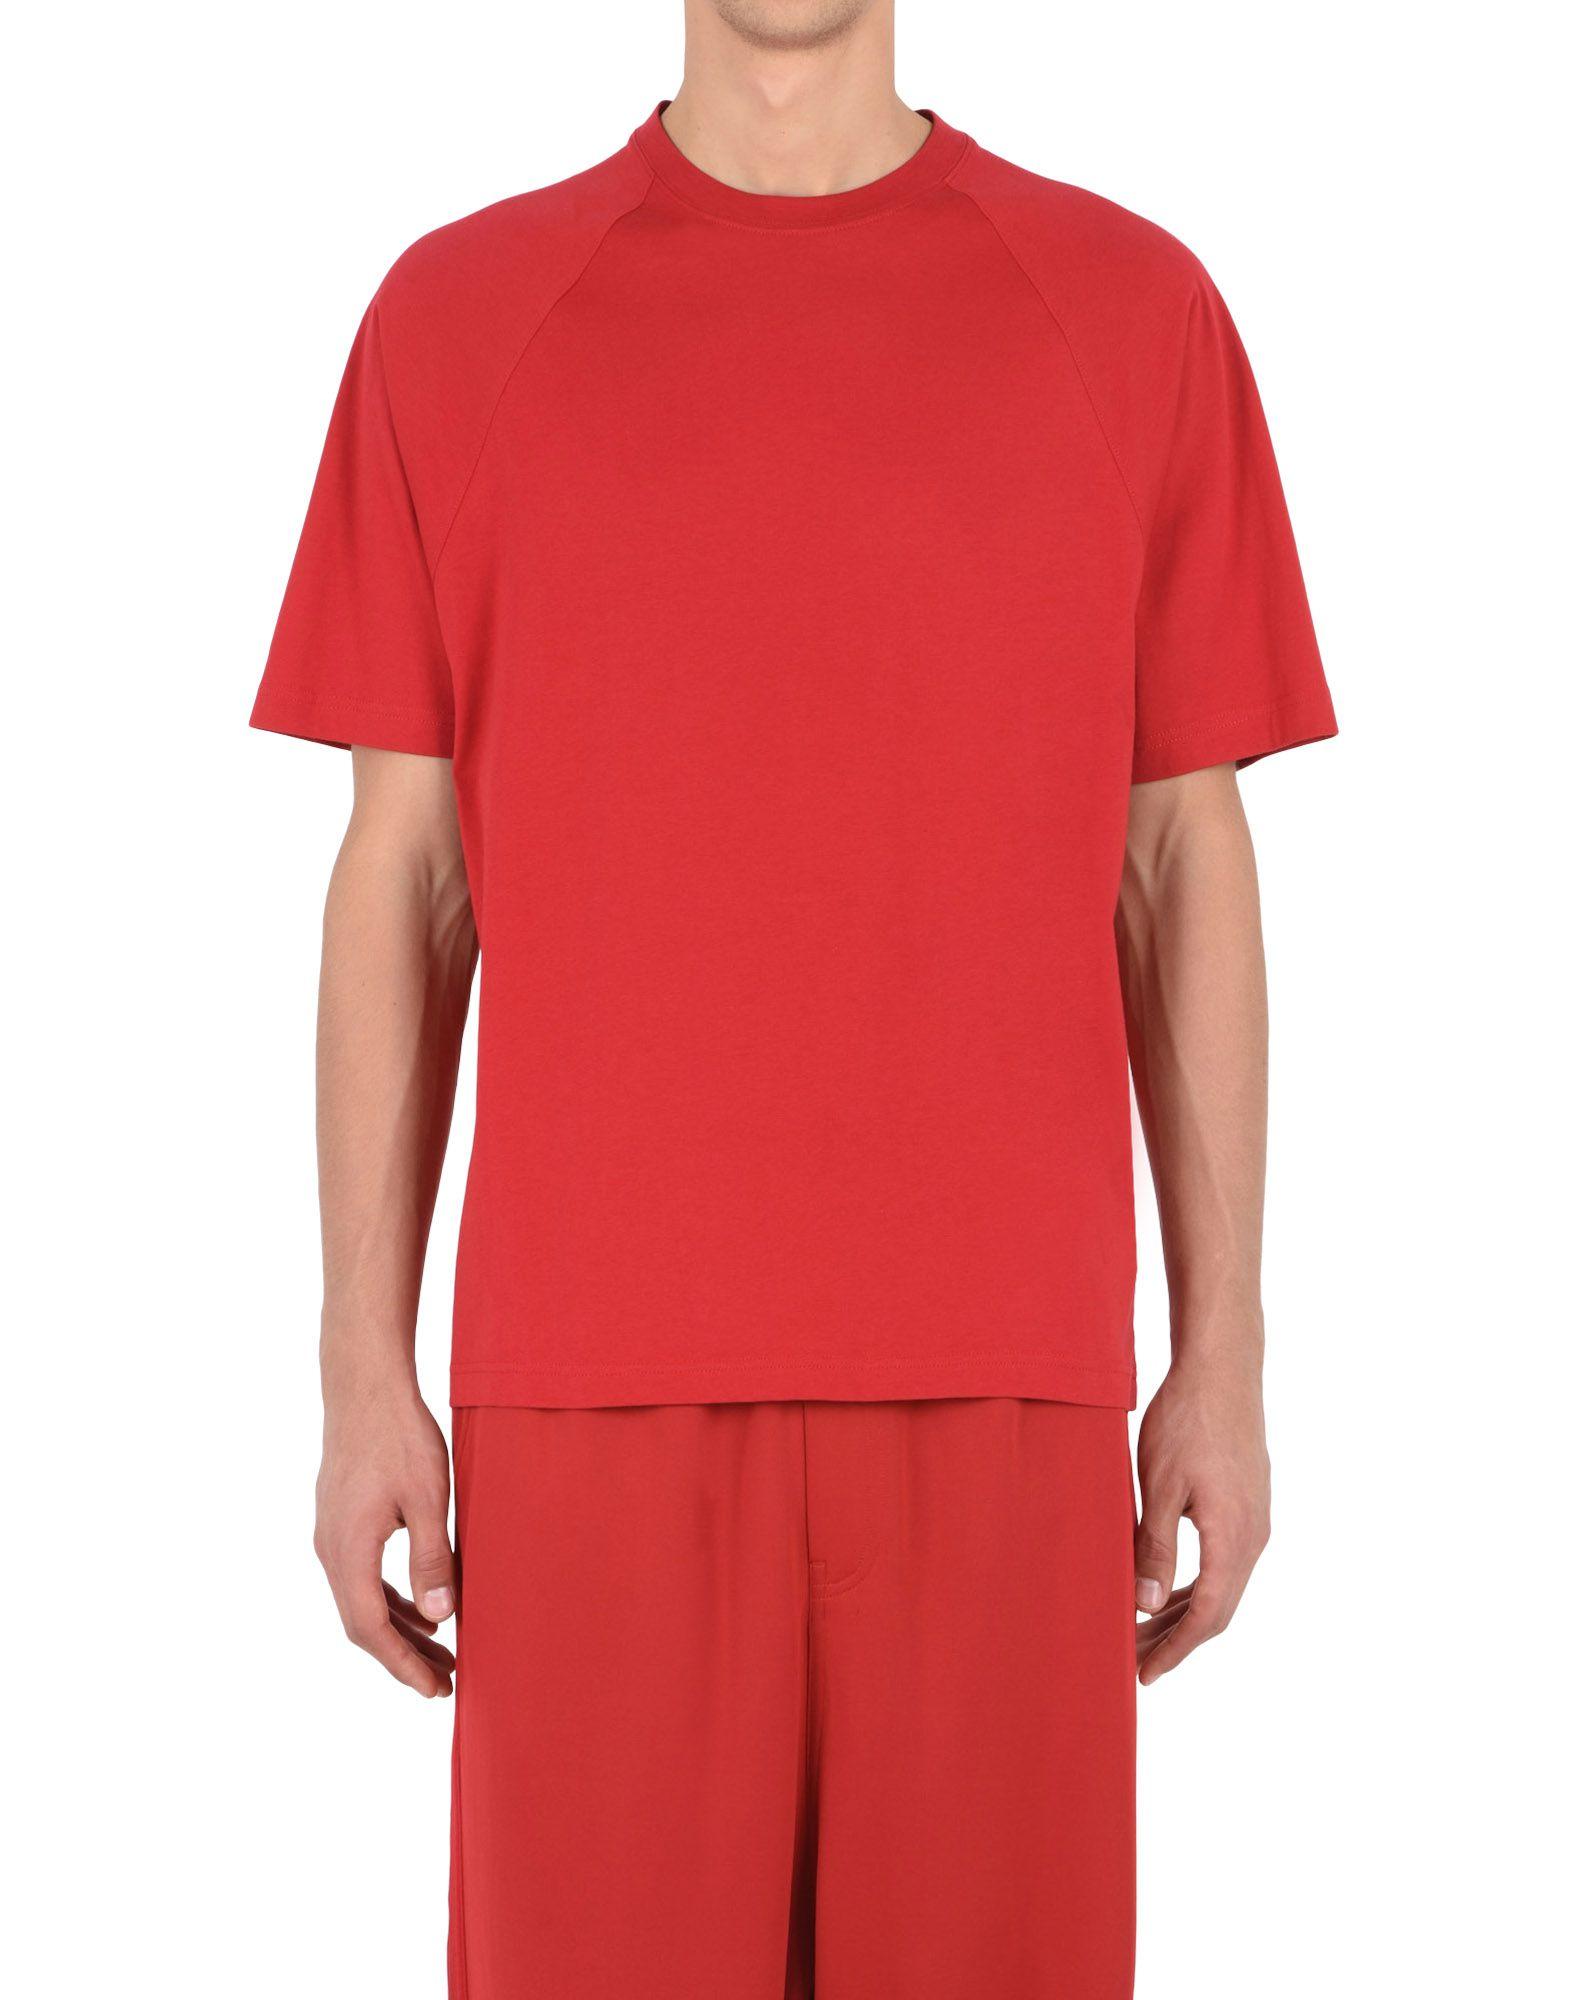 Y-3 Y-3 CLASSIC TEE Short sleeve t-shirt Man r